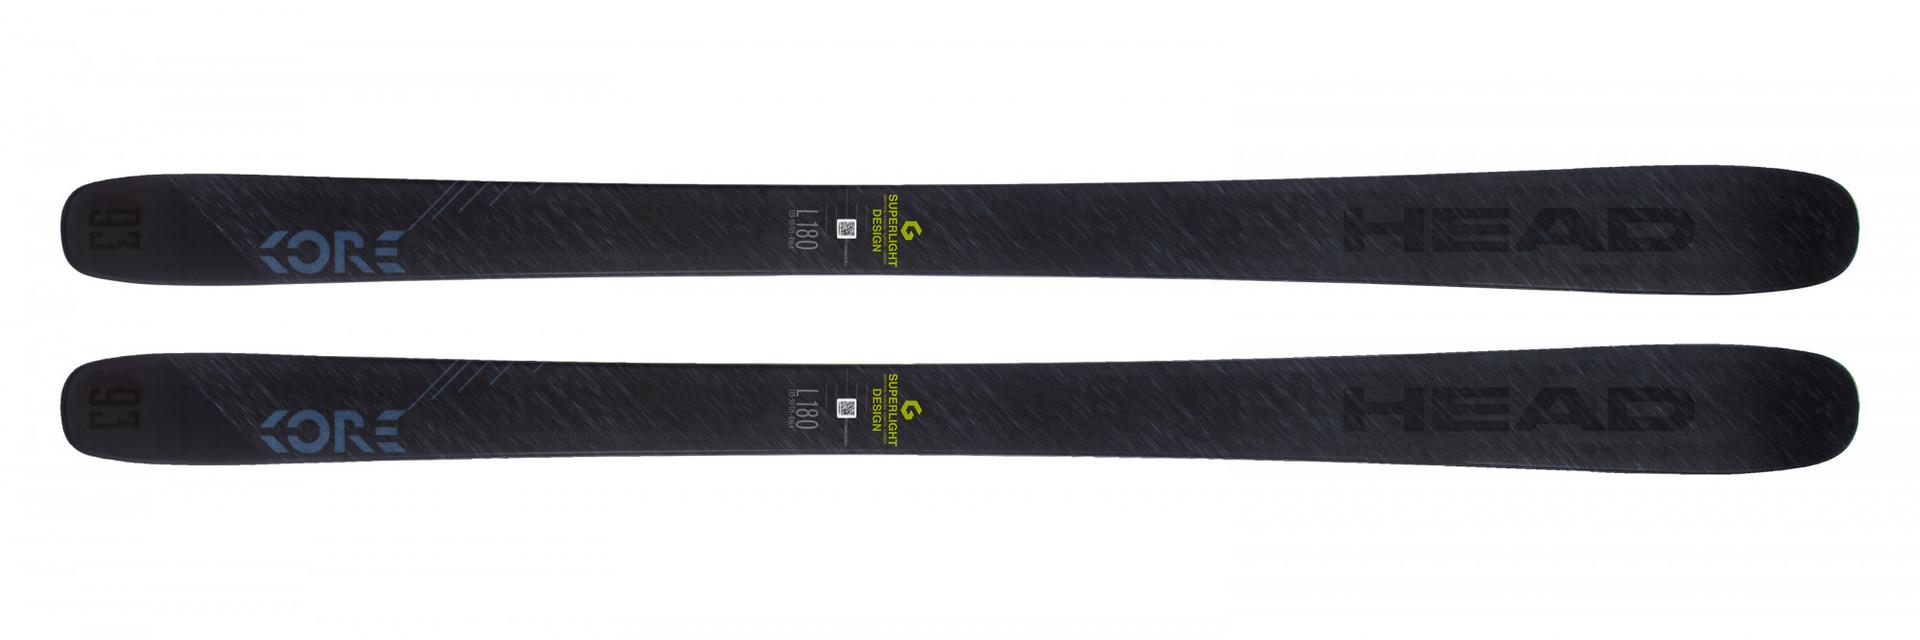 Горные лыжи Head Kore 93 размер 171 (2019)